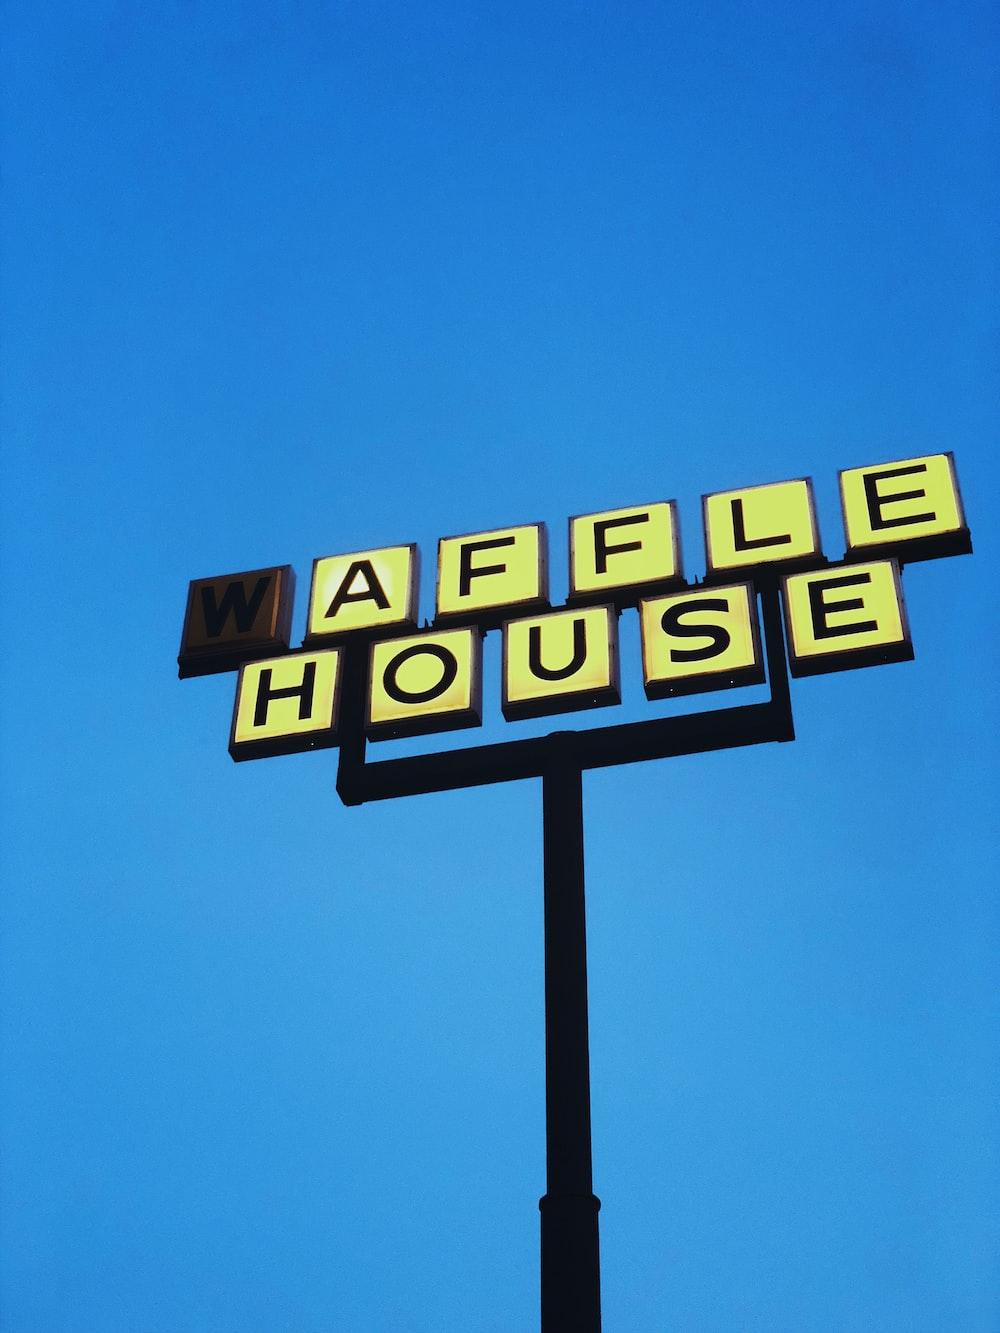 Waffle House road signage